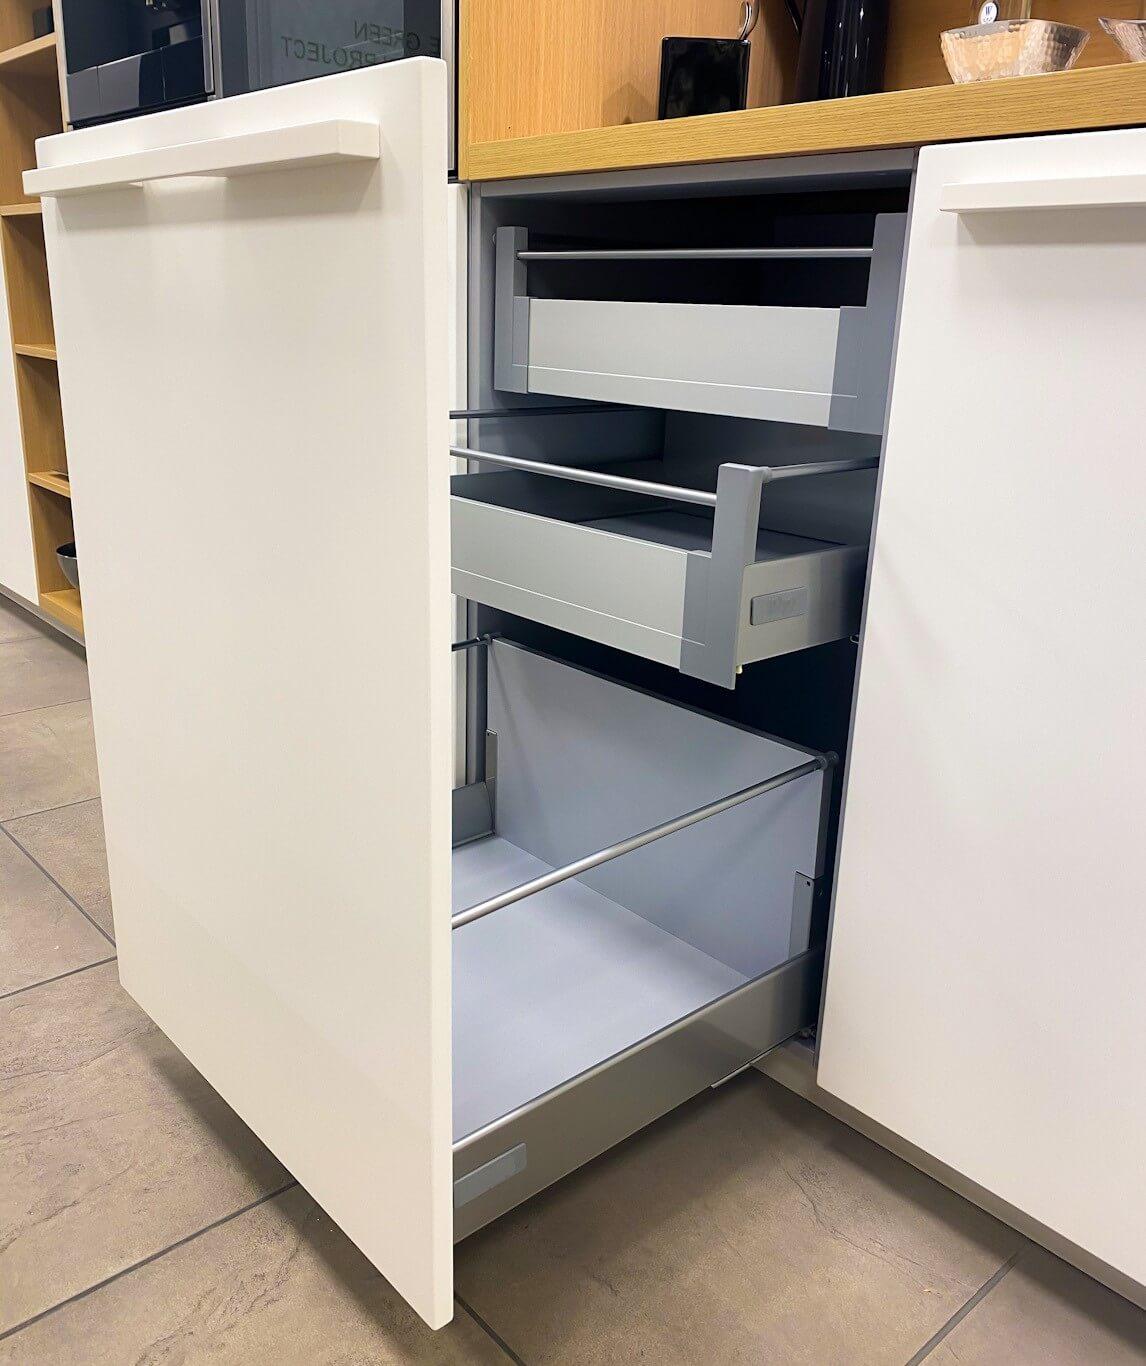 Sistema de cajón interno integrado